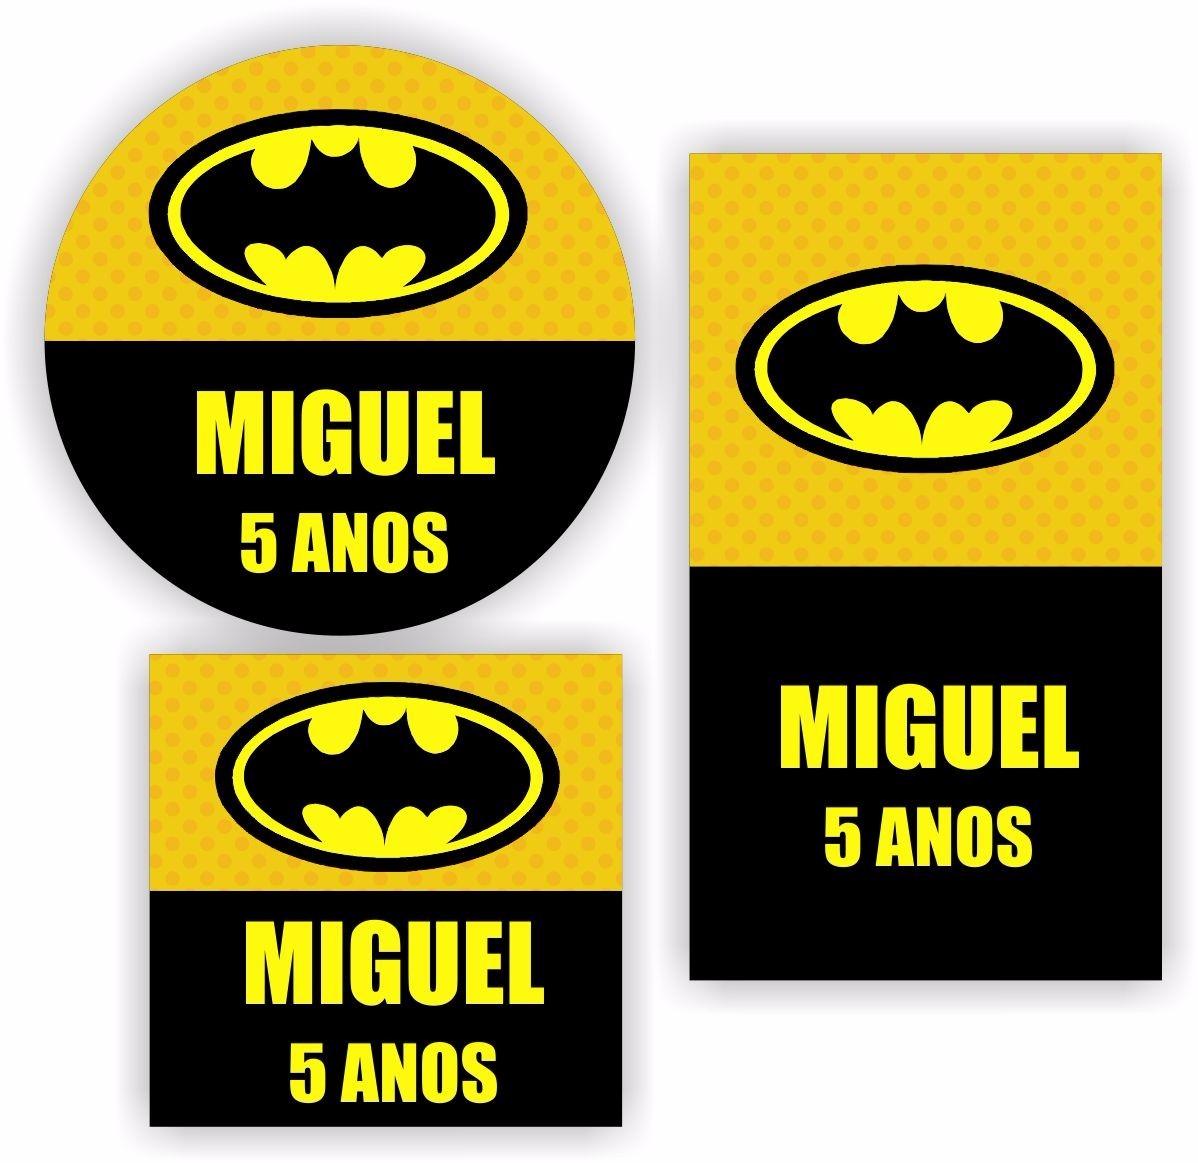 Adesivo De Parede Vingadores ~ Kit 120 Unid Adesivo Personalizado Batman Lembrancinha Festa R$ 29,99 em Mercado Livre